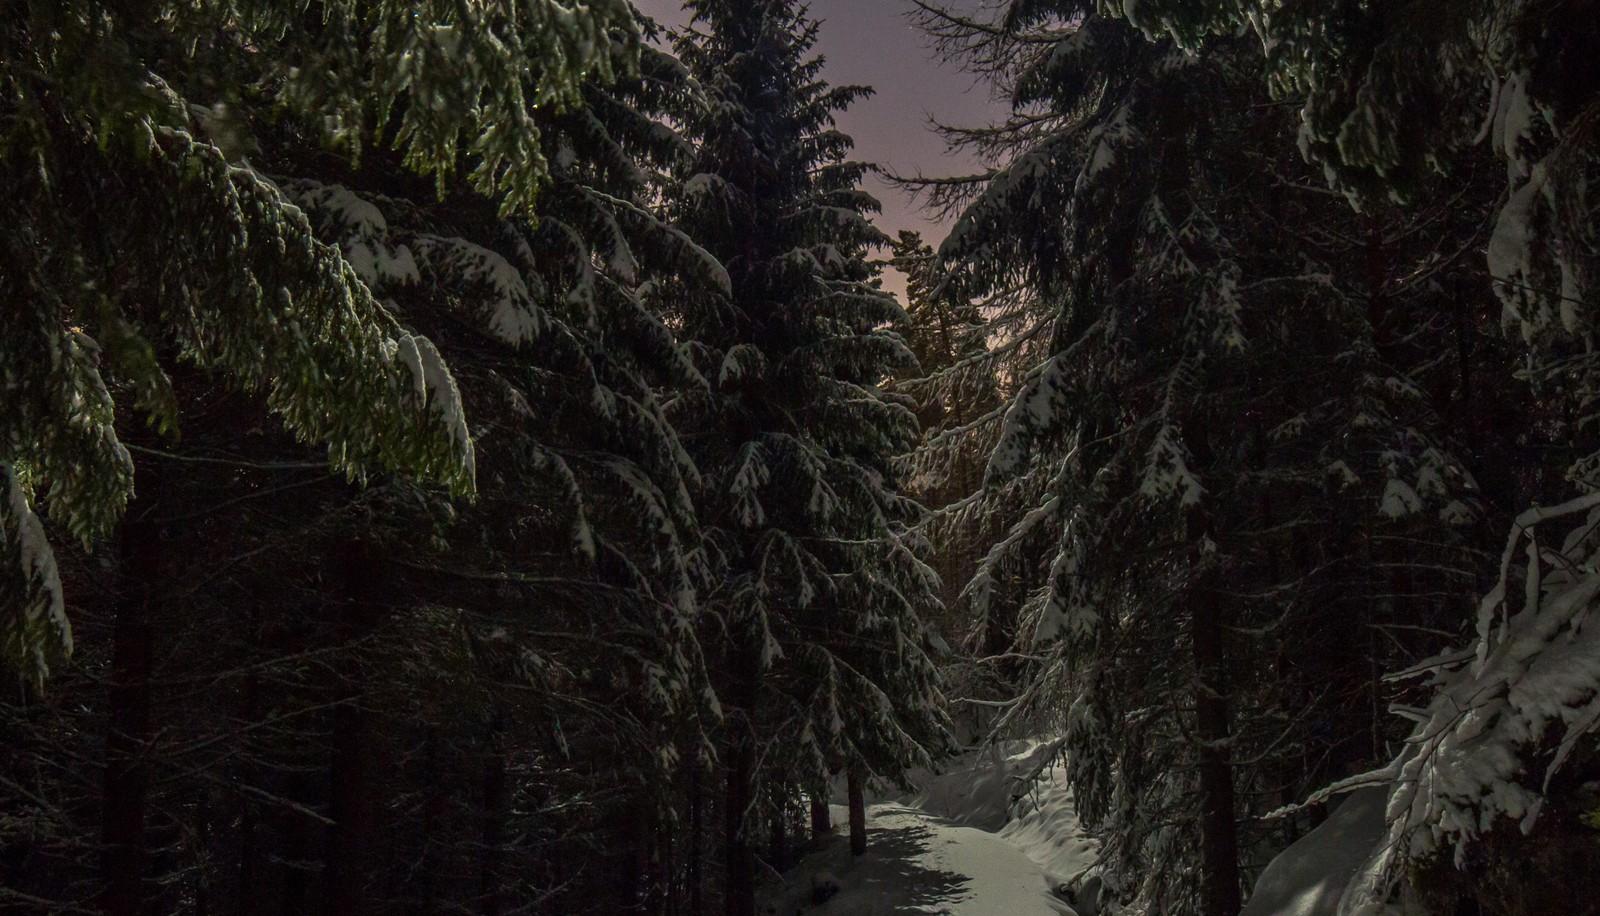 Måneskinnskveld i Elsterparken